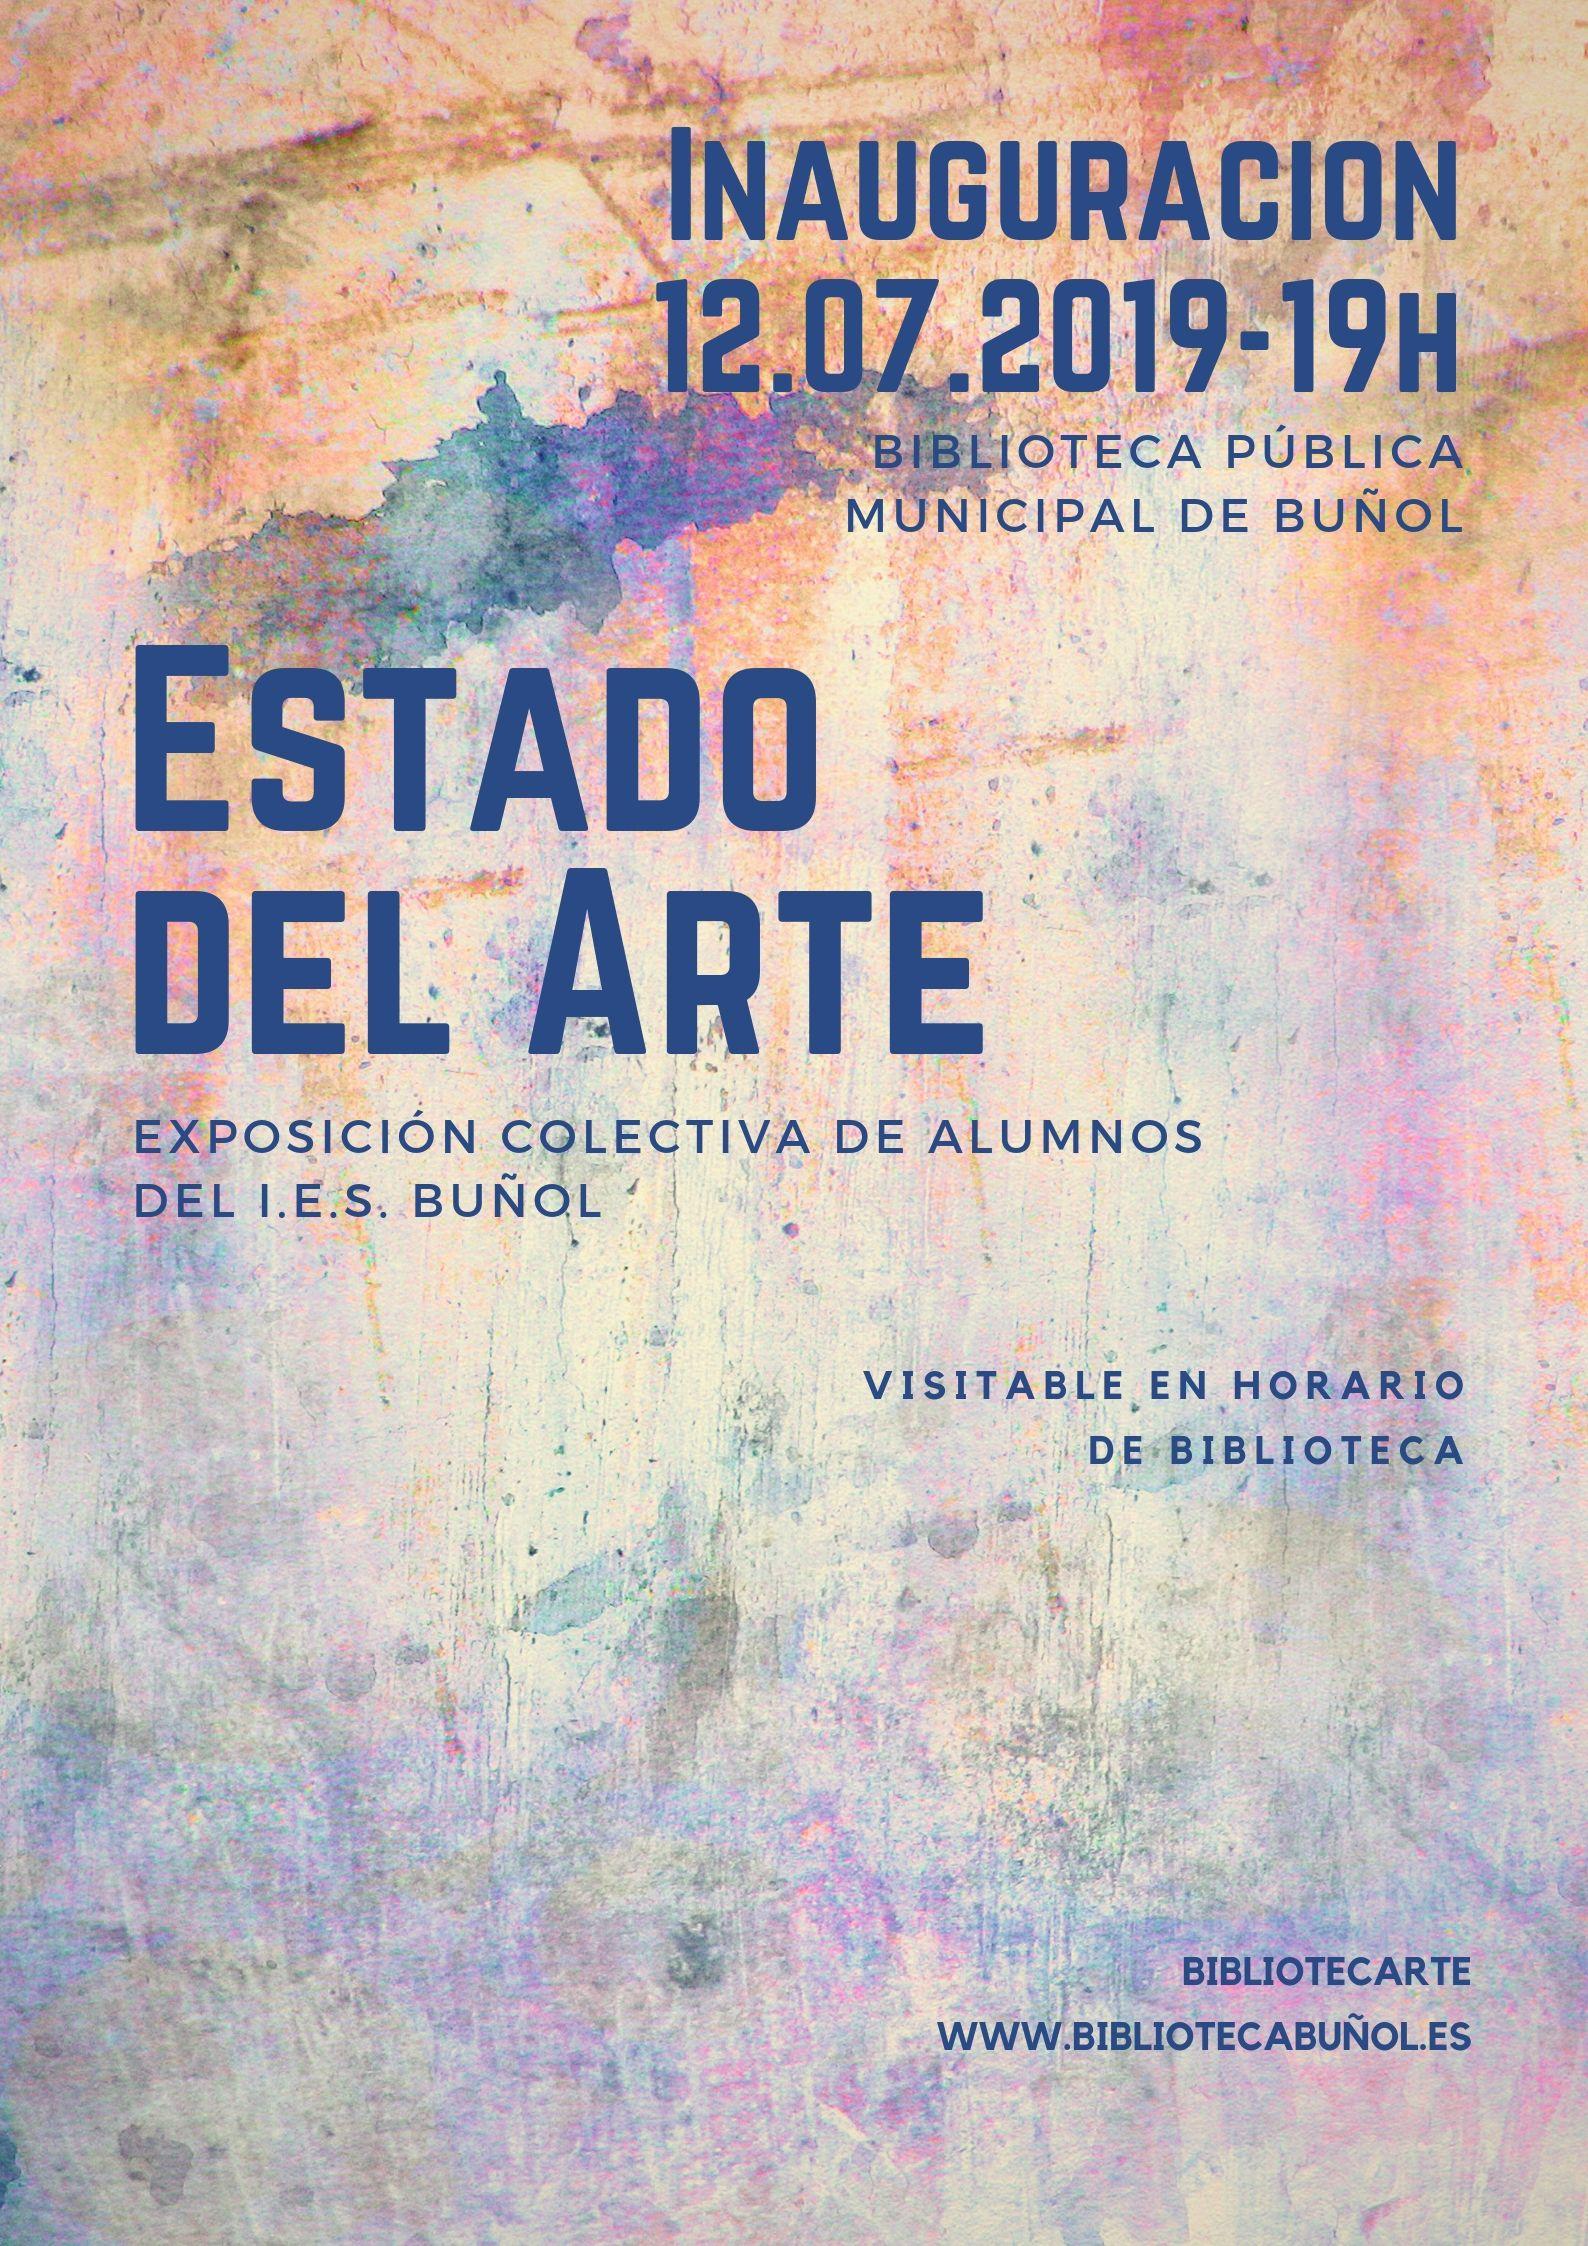 La exposición se puede visitar en la Biblioteca Municipal de Buñol.